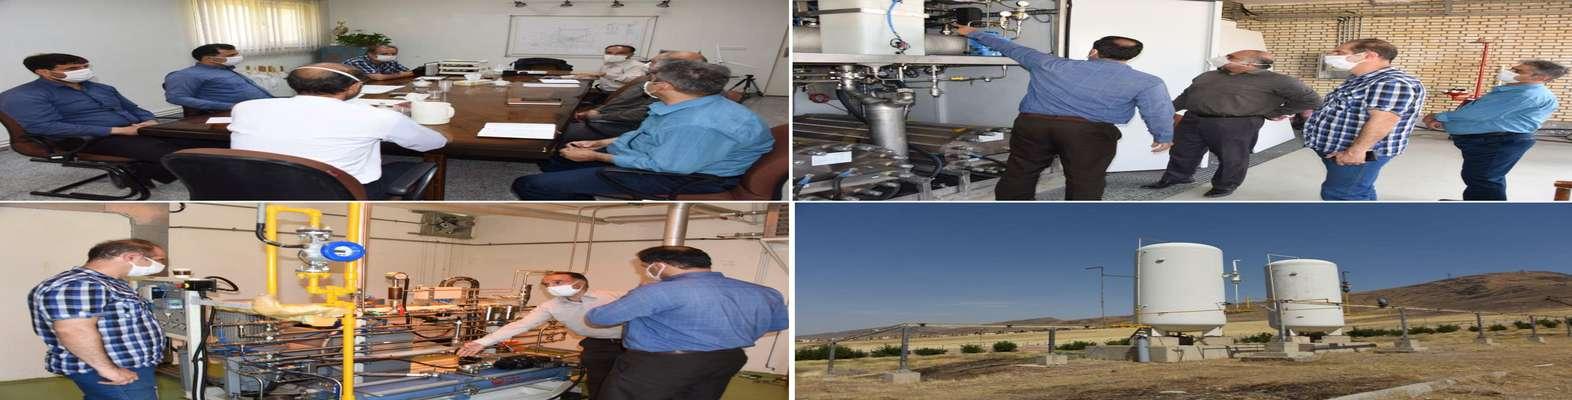 با تلاش متخصصان نیروگاه شهید رجایی در حال انجام است؛  آماده سازی سیستم تولید هیدروژن در سایت انرژی های تجدید پذیر طالقان